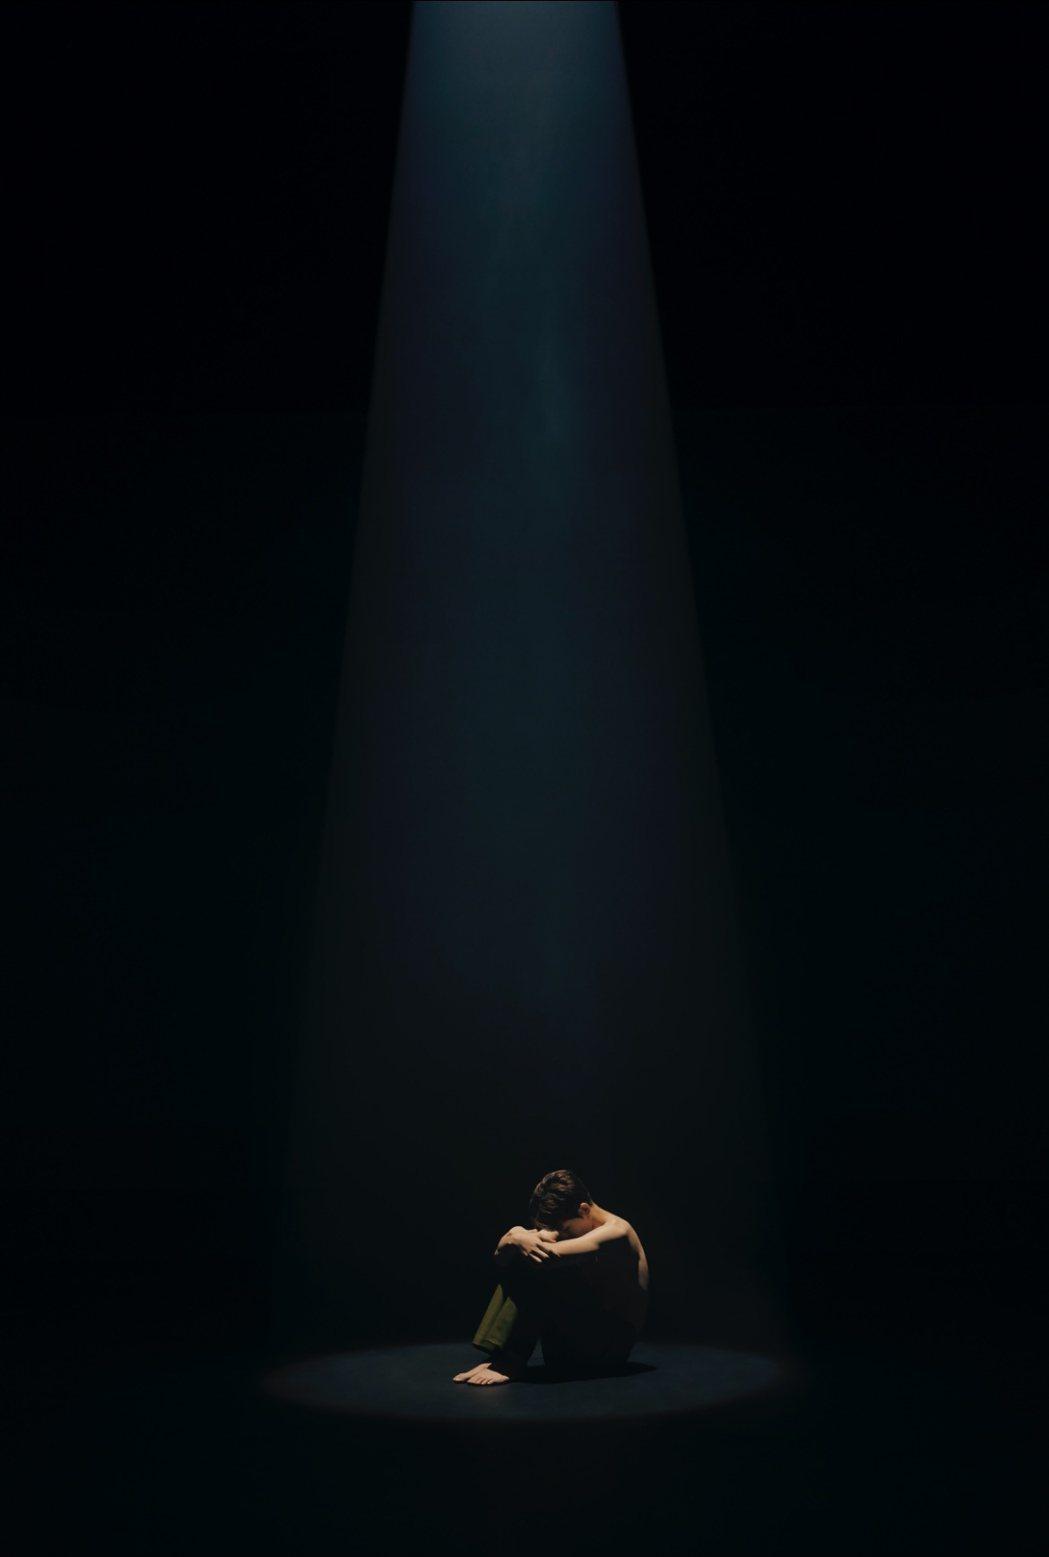 蕭敬騰將推出新單曲「彼得潘」。圖/華納音樂提供